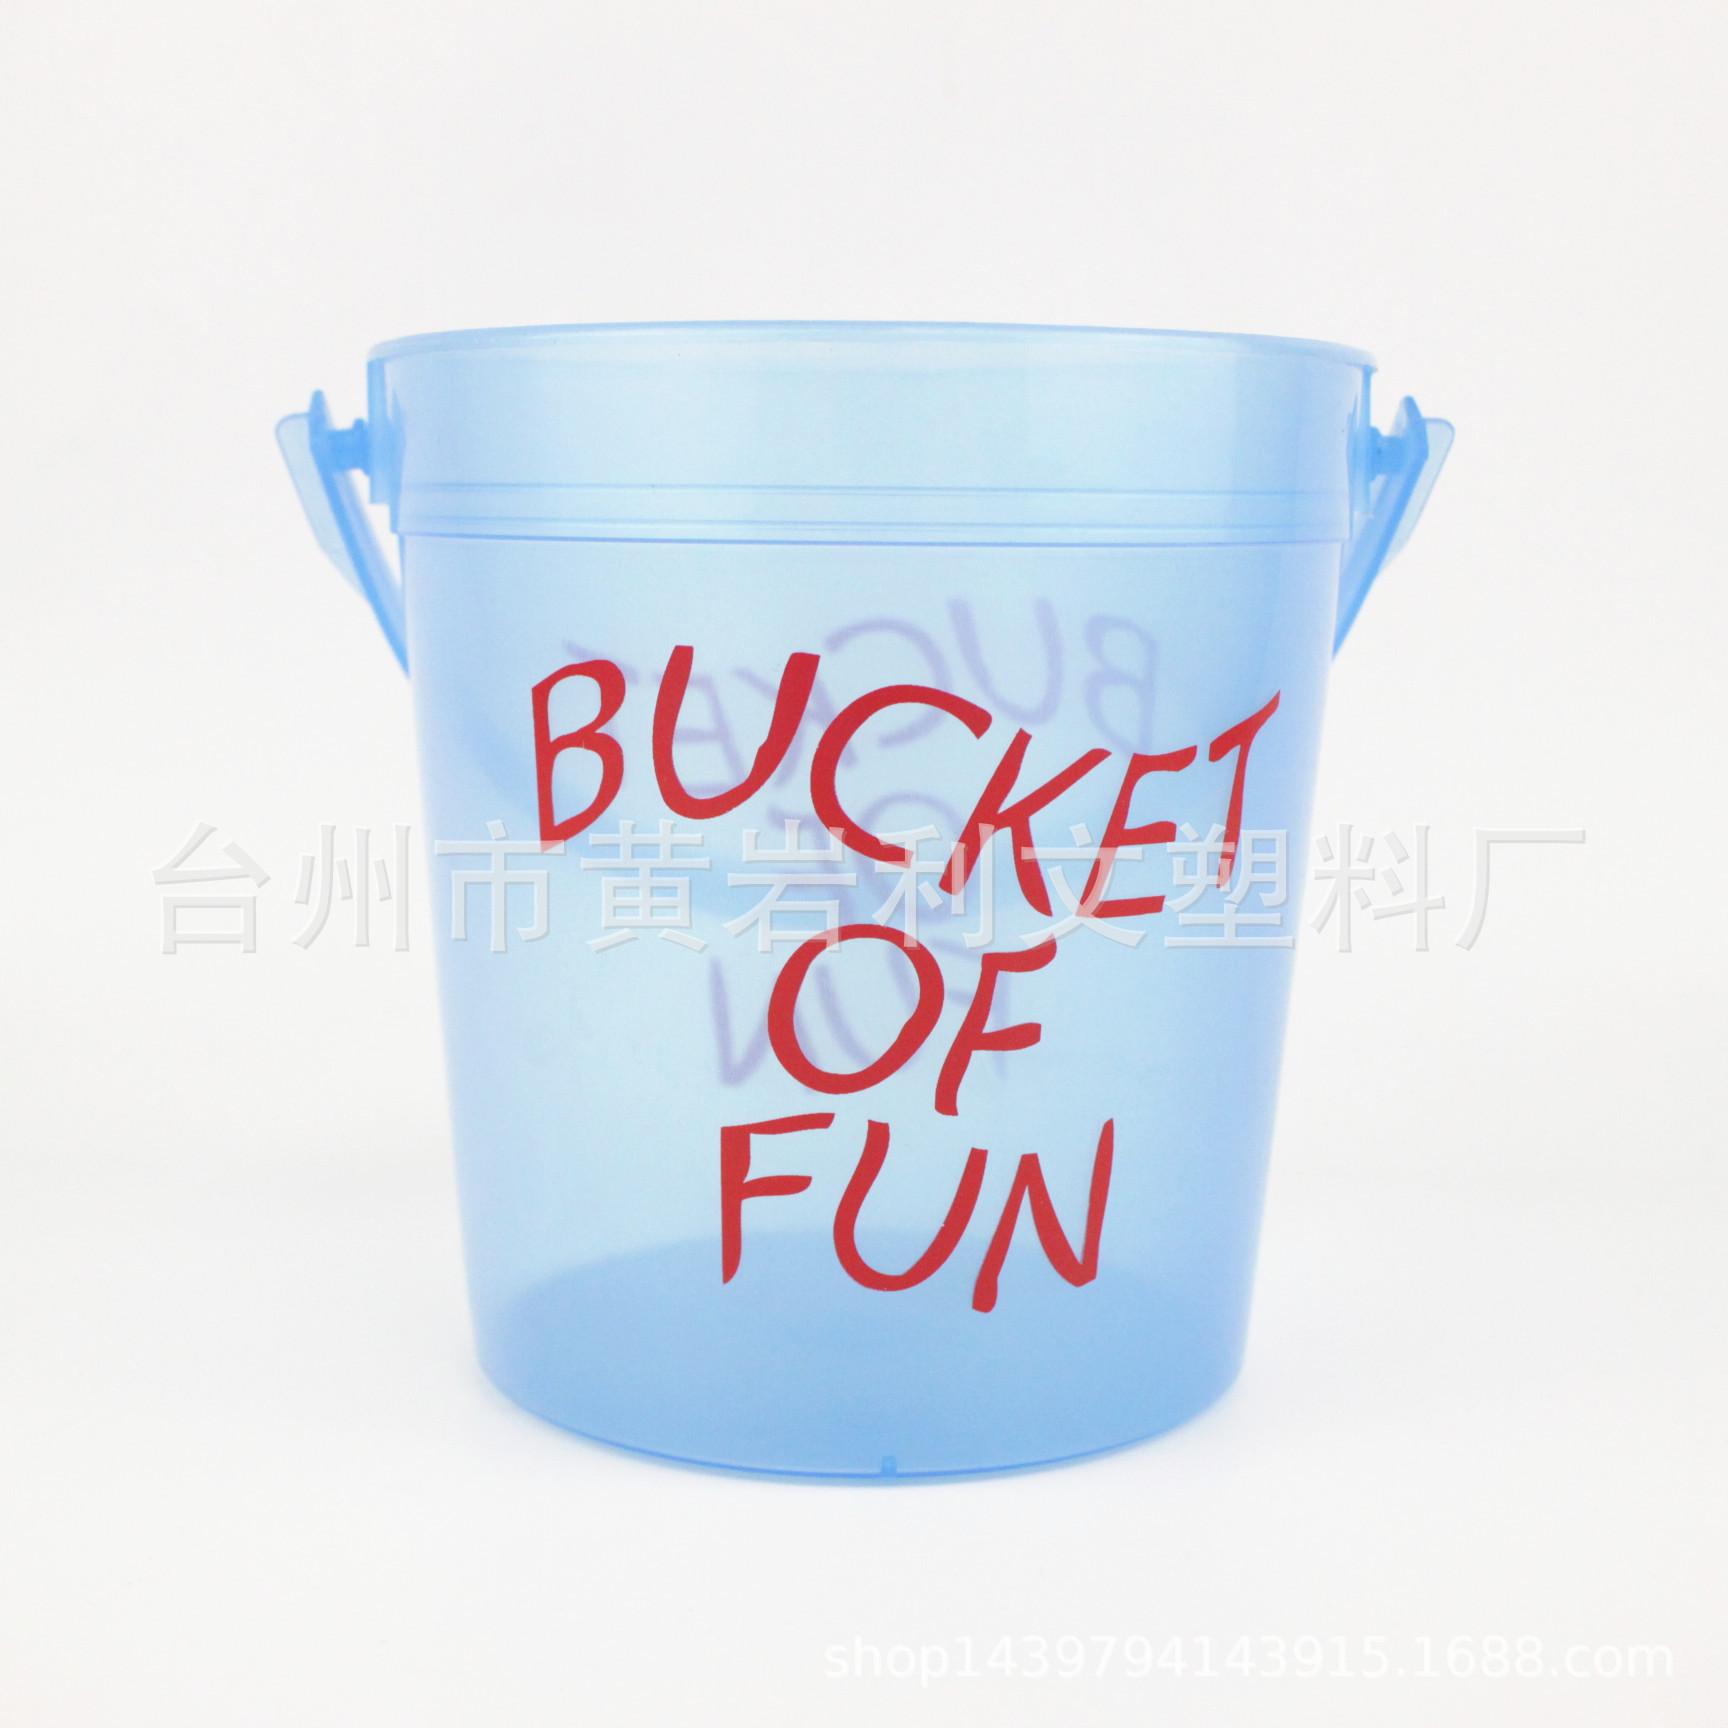 厂家直销 透明圆形 塑料桶 提水桶  提手杯  儿童沙滩用具